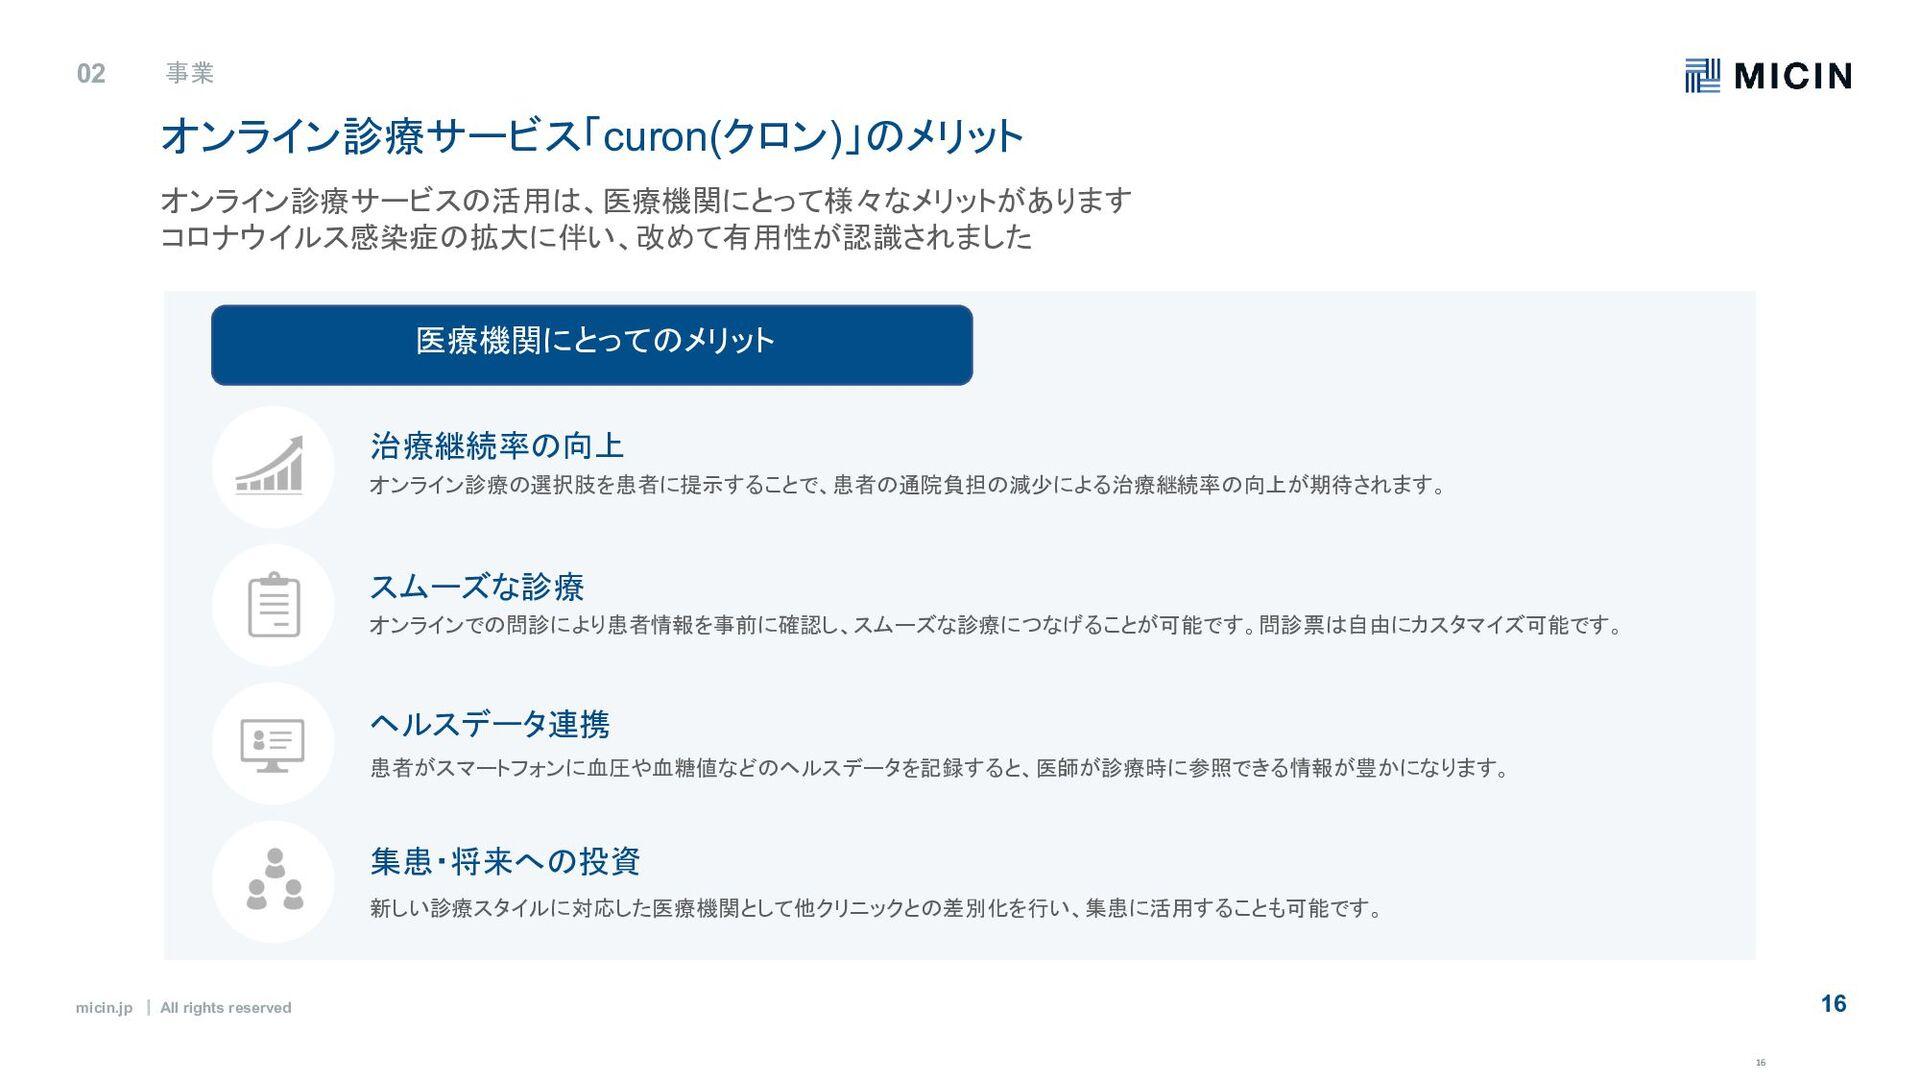 micin.jp ʛ All rights reserved 16 02 事業 B U S I...